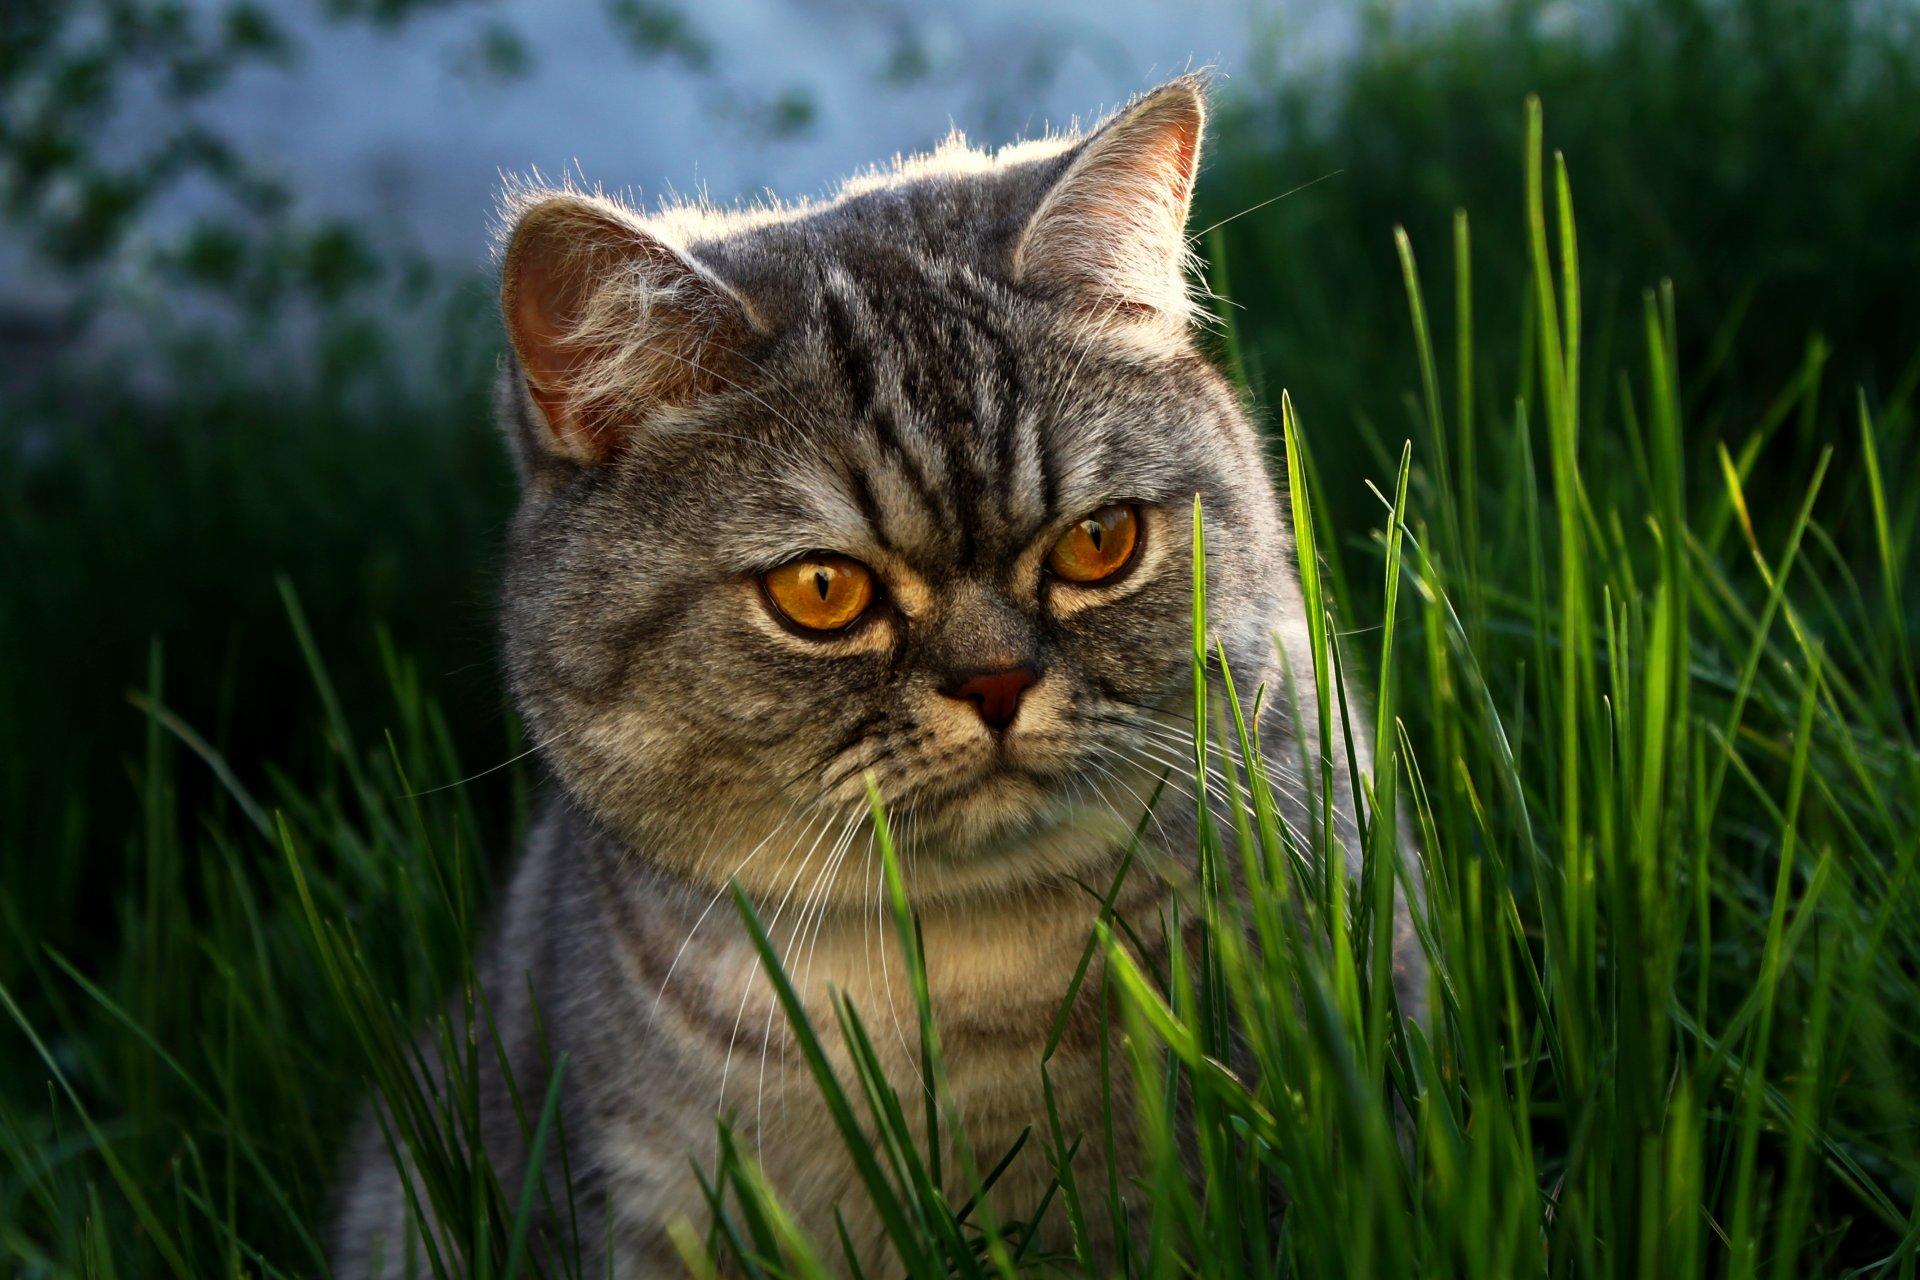 Февраль открытки, смешные картинки с кошками на заставку